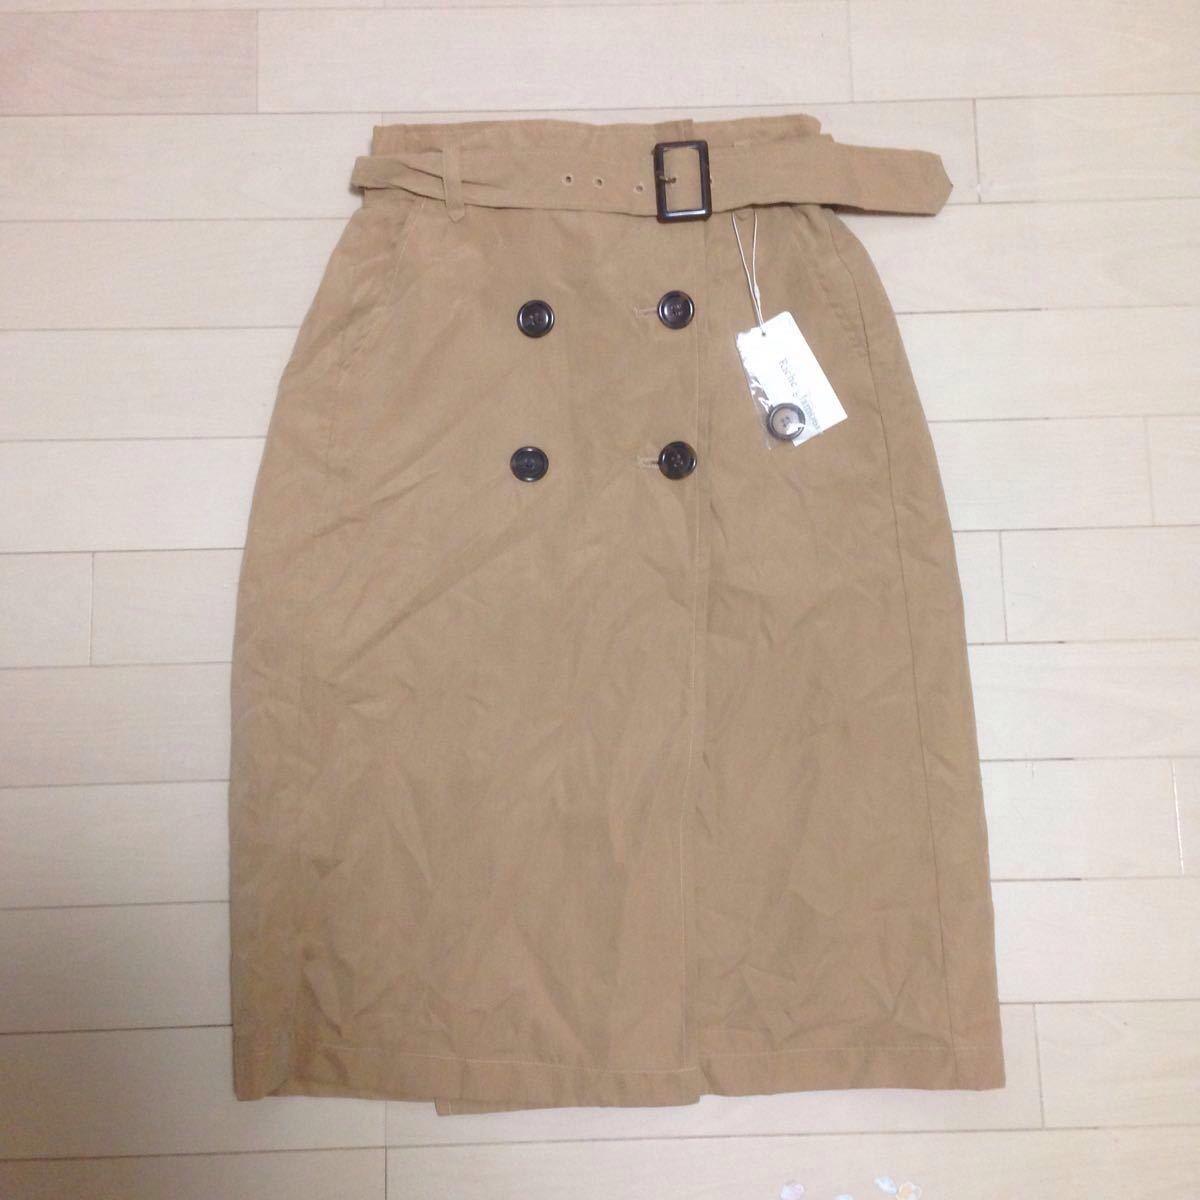 ☆☆新品☆☆ Riche glamour リシェ グラマー スカート 巻きスカート トレンチスカート ベージュ キャメル